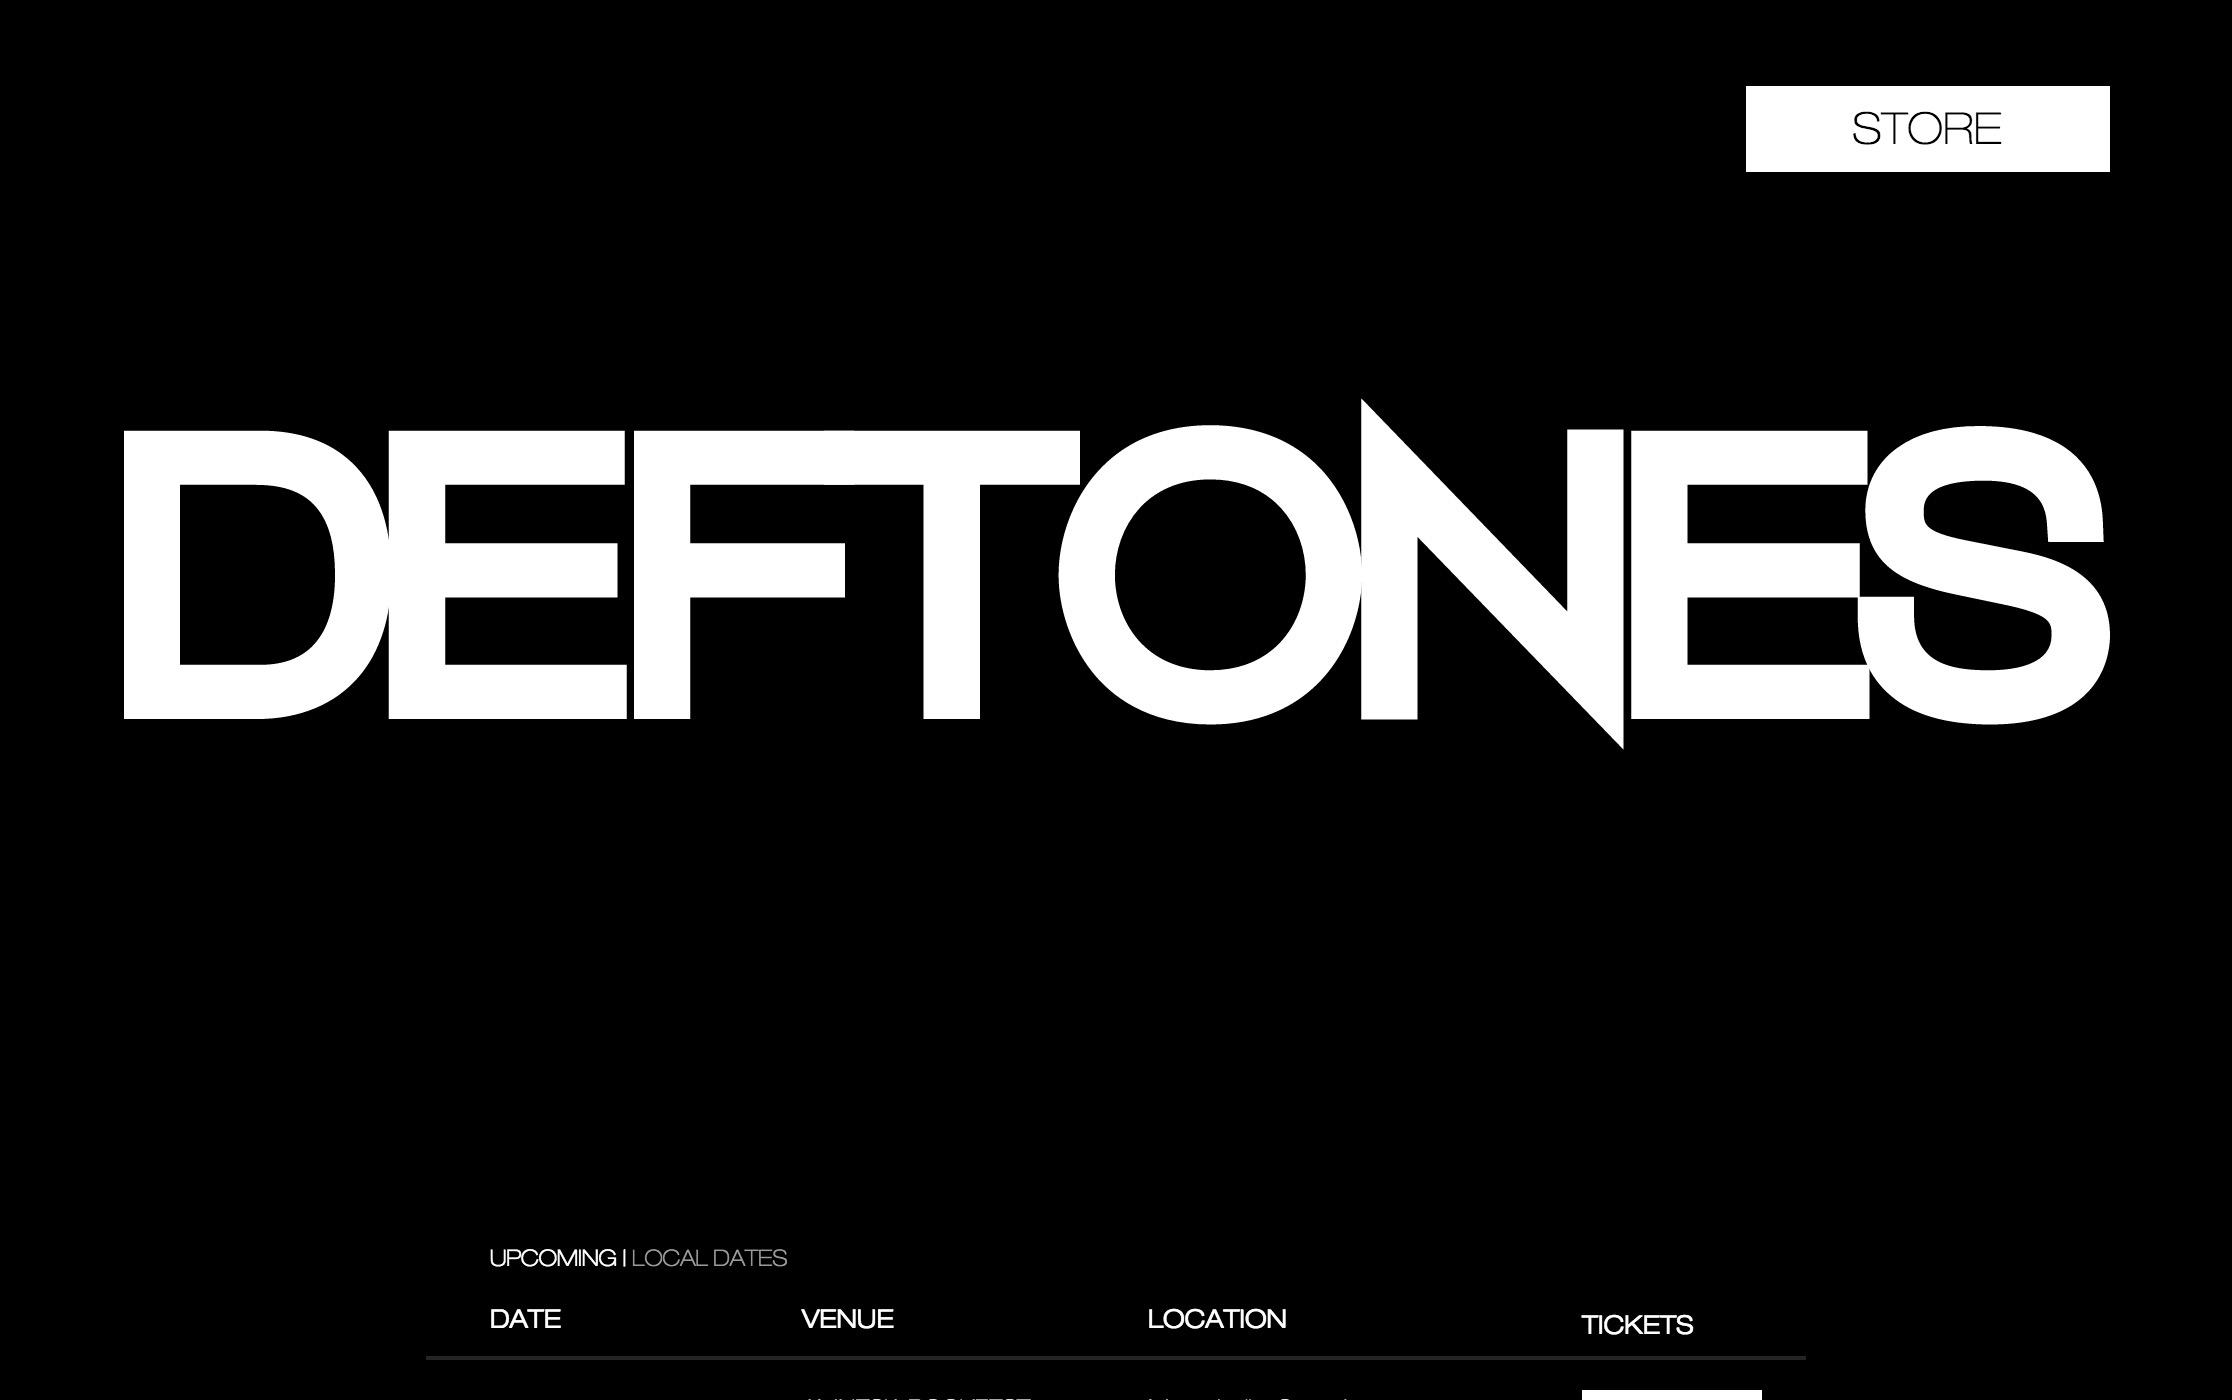 デフトーンズ海外公式サイト